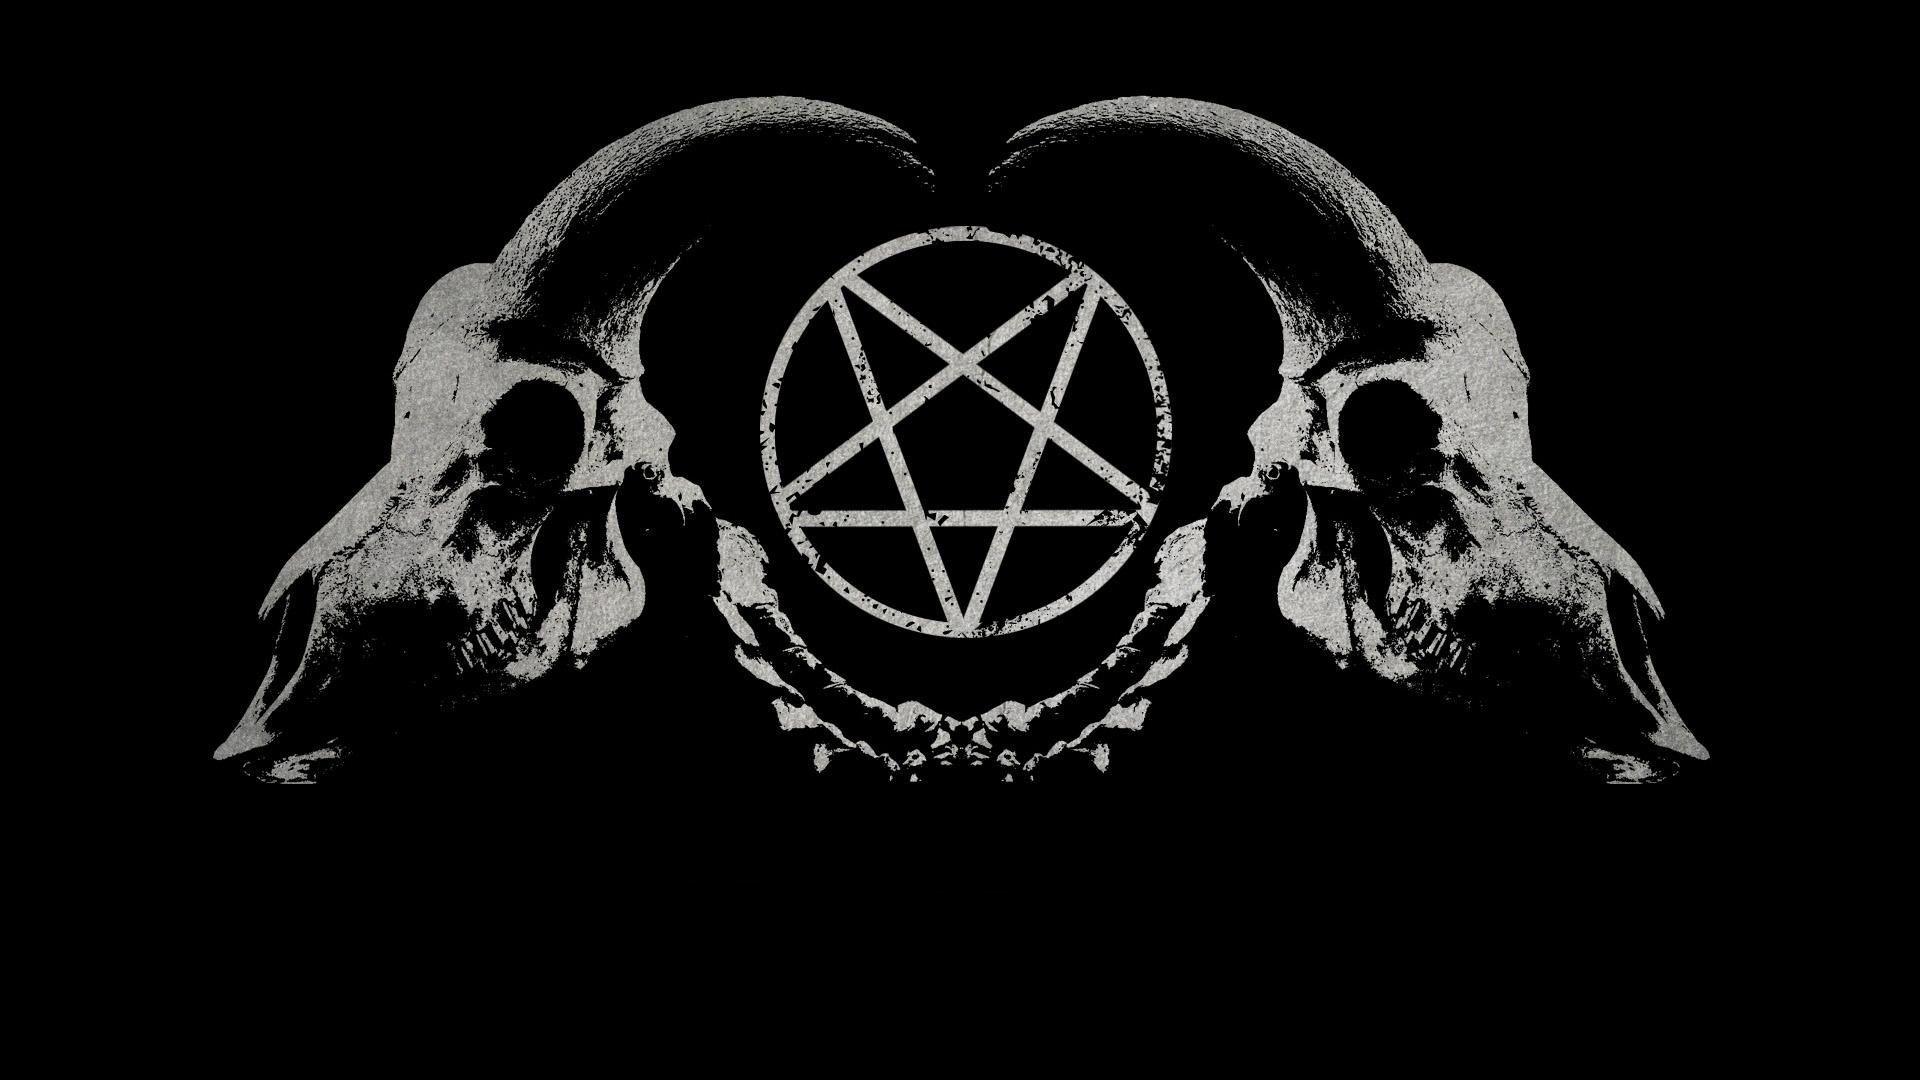 Satanic Wallpapers   Top Satanic Backgrounds   WallpaperAccess 1920x1080